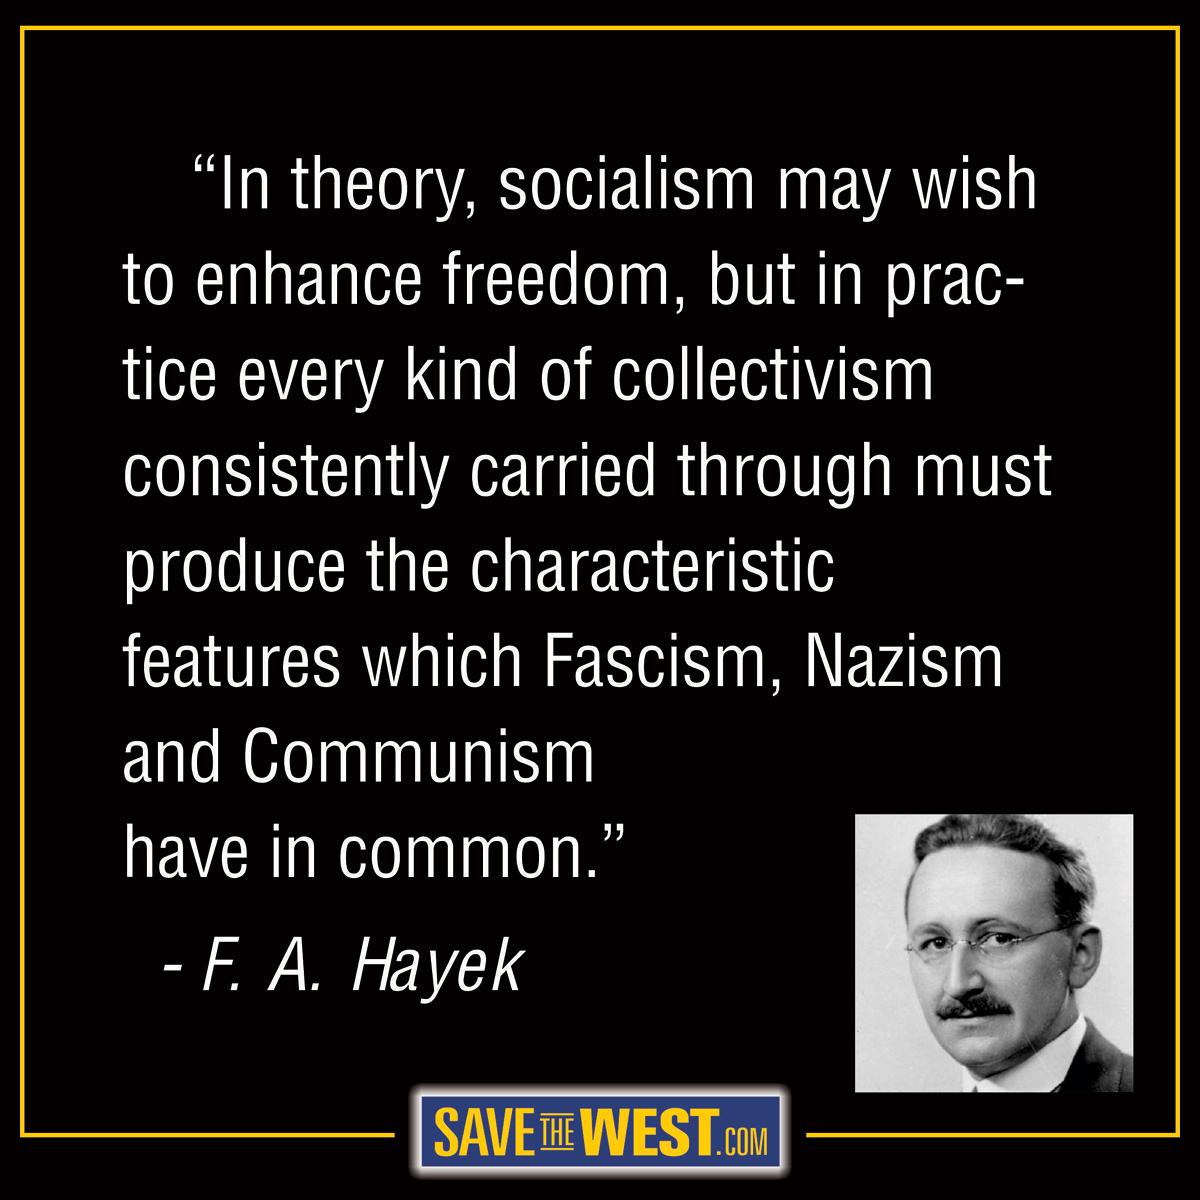 https://cdn.savethewest.com/wp-content/uploads/2020/08/Hayek-Socialism.jpg